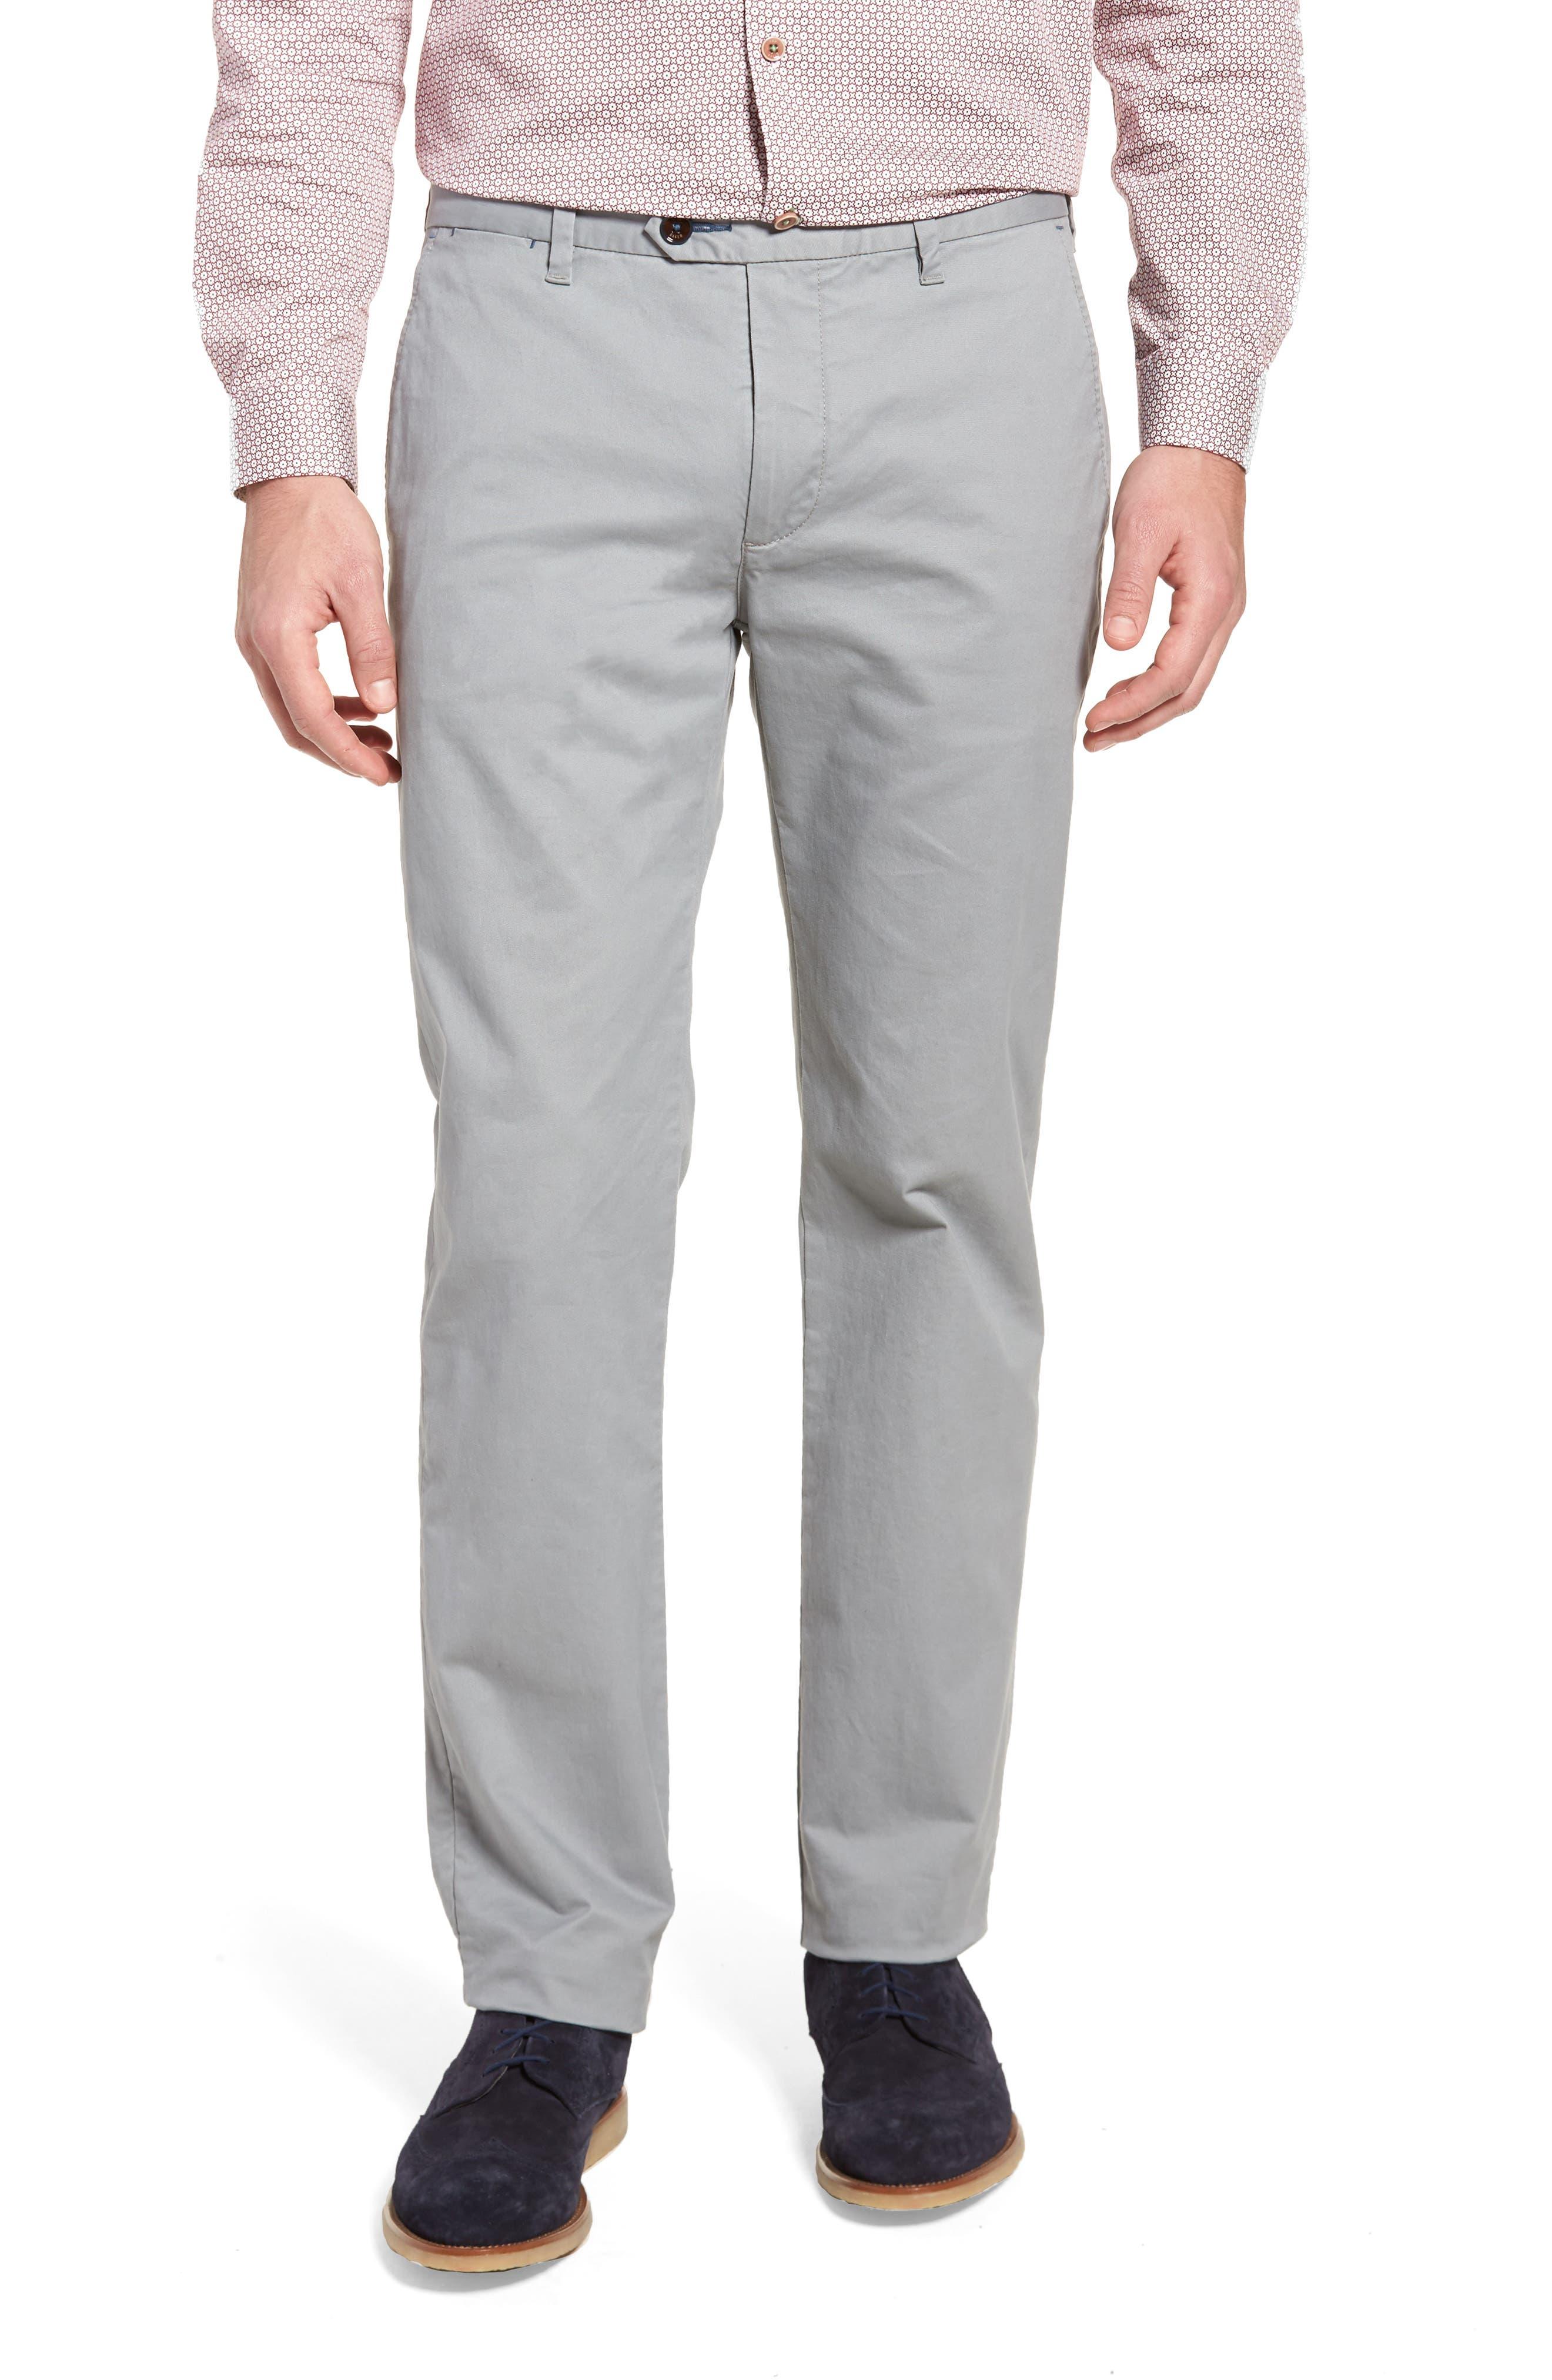 Procor Slim Fit Chino Pants,                             Main thumbnail 1, color,                             050